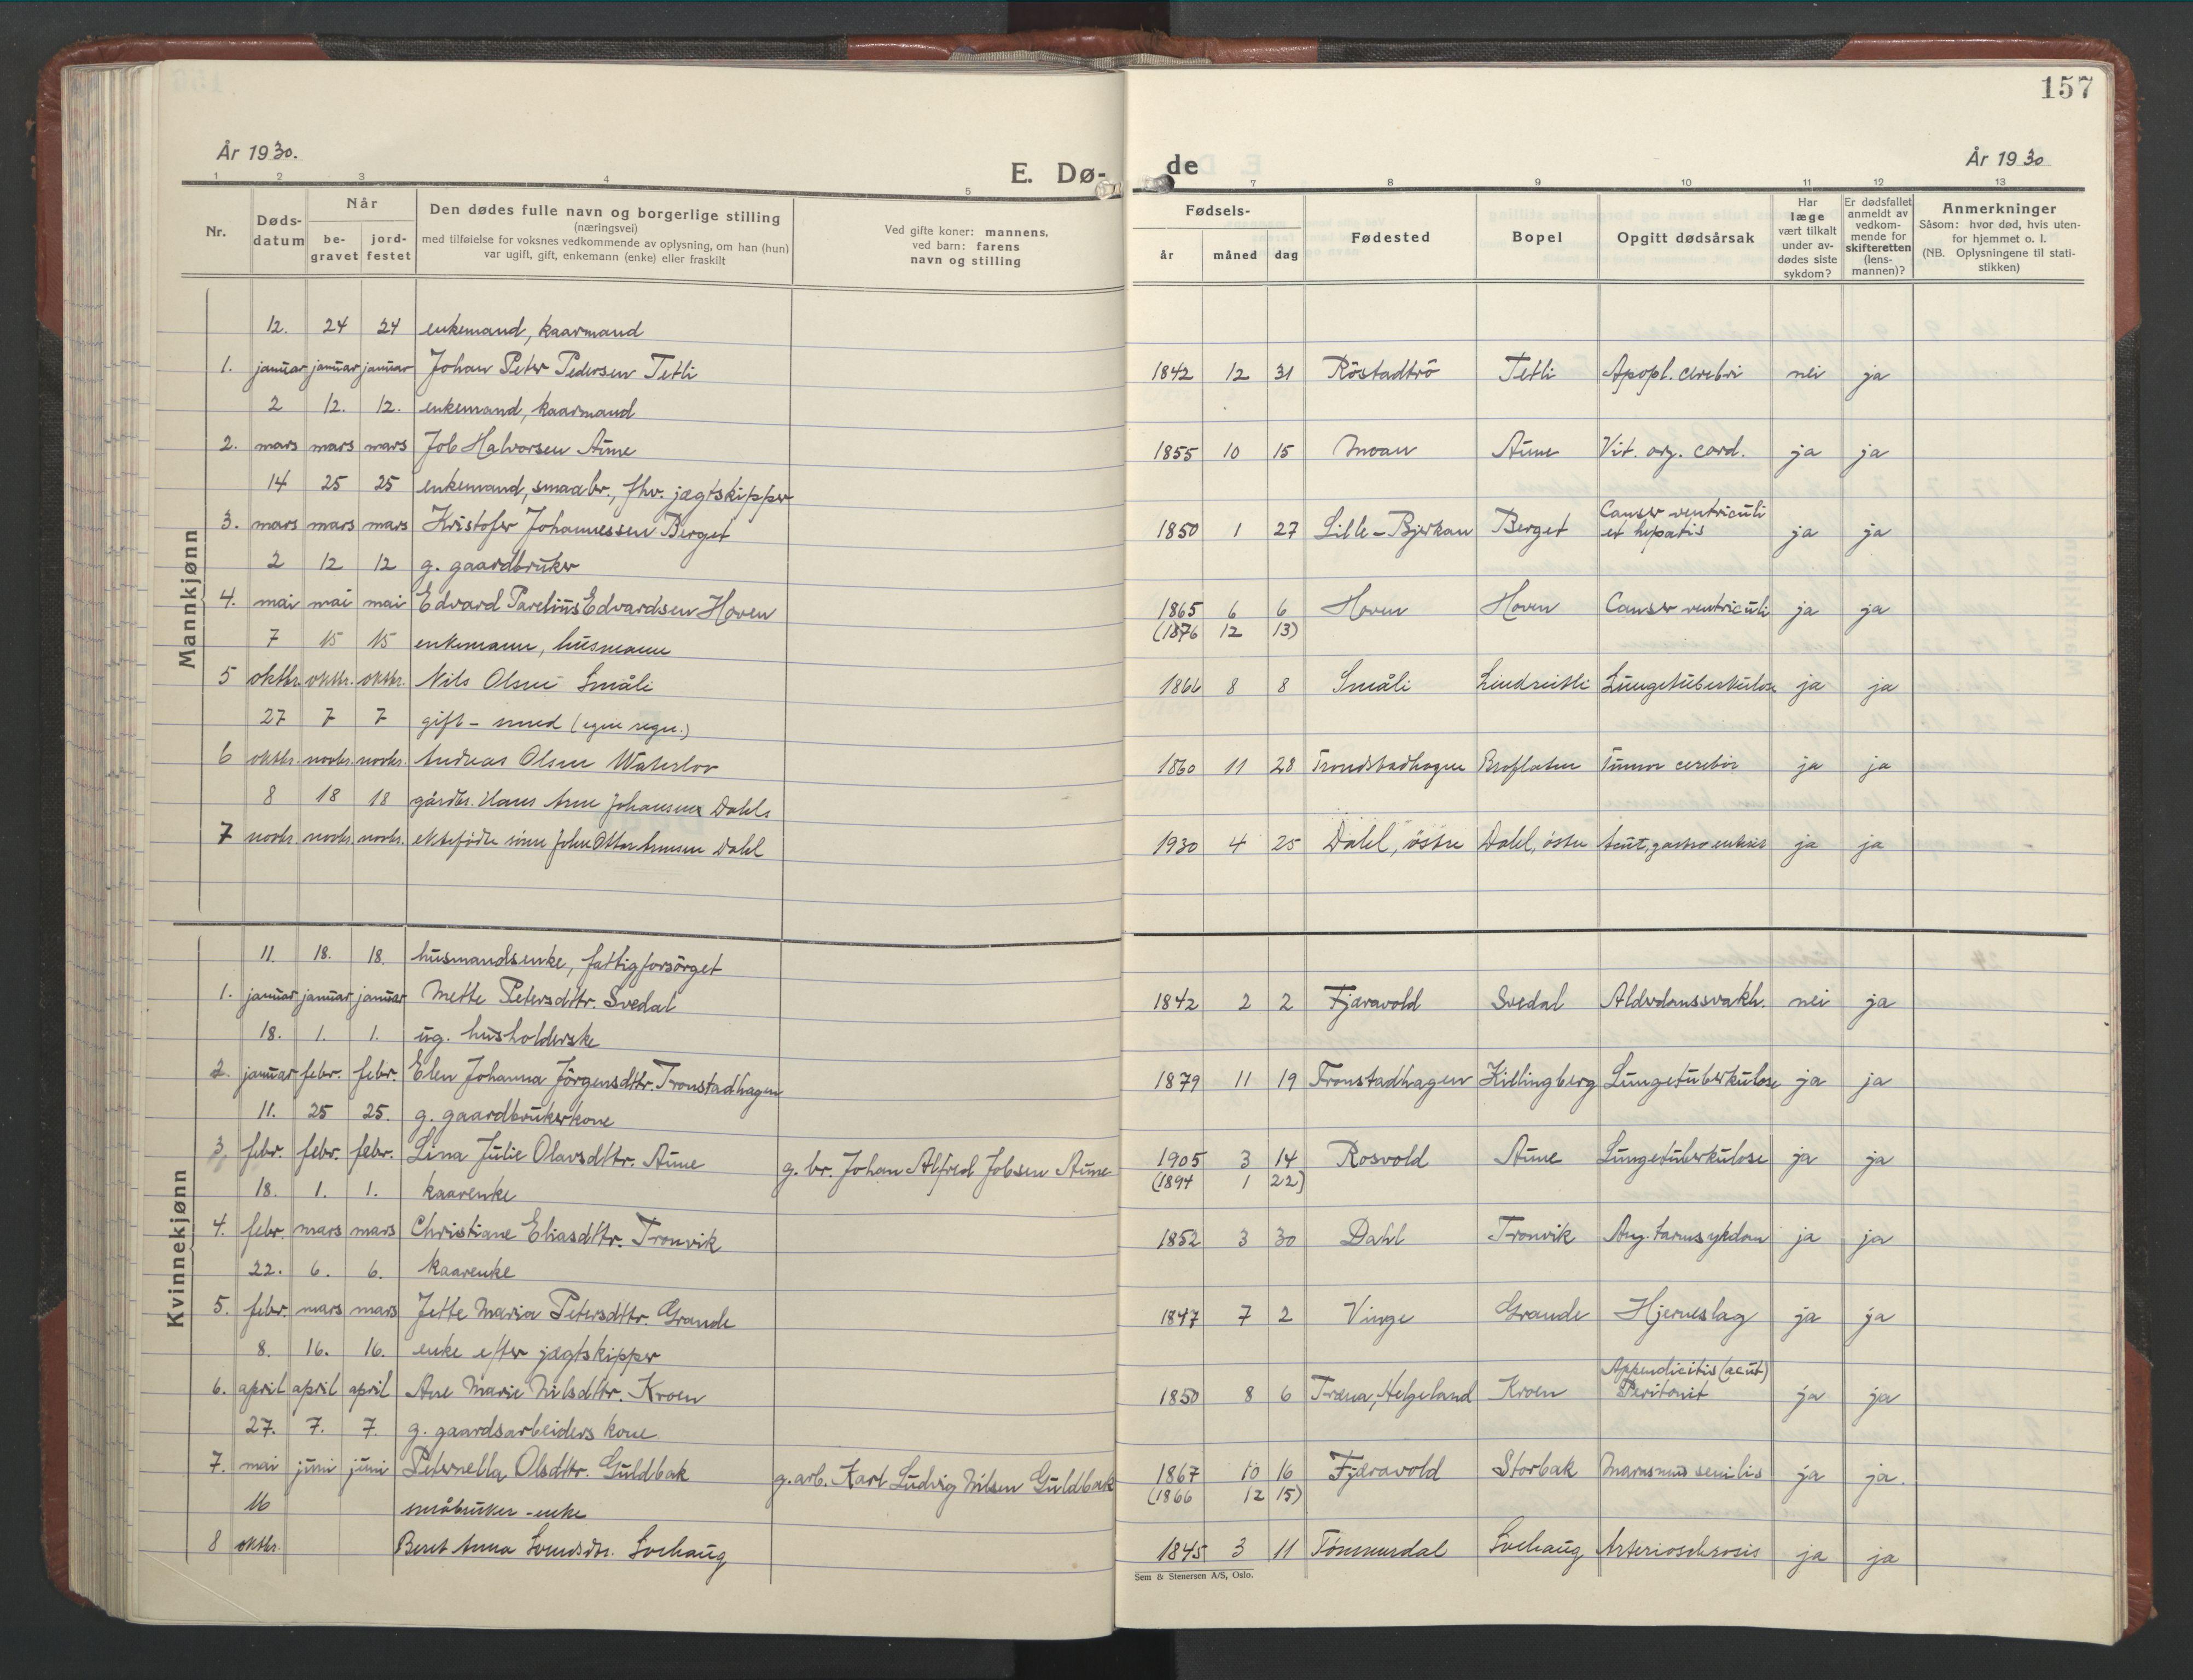 SAT, Ministerialprotokoller, klokkerbøker og fødselsregistre - Nord-Trøndelag, 701/L0019: Klokkerbok nr. 701C03, 1930-1953, s. 157